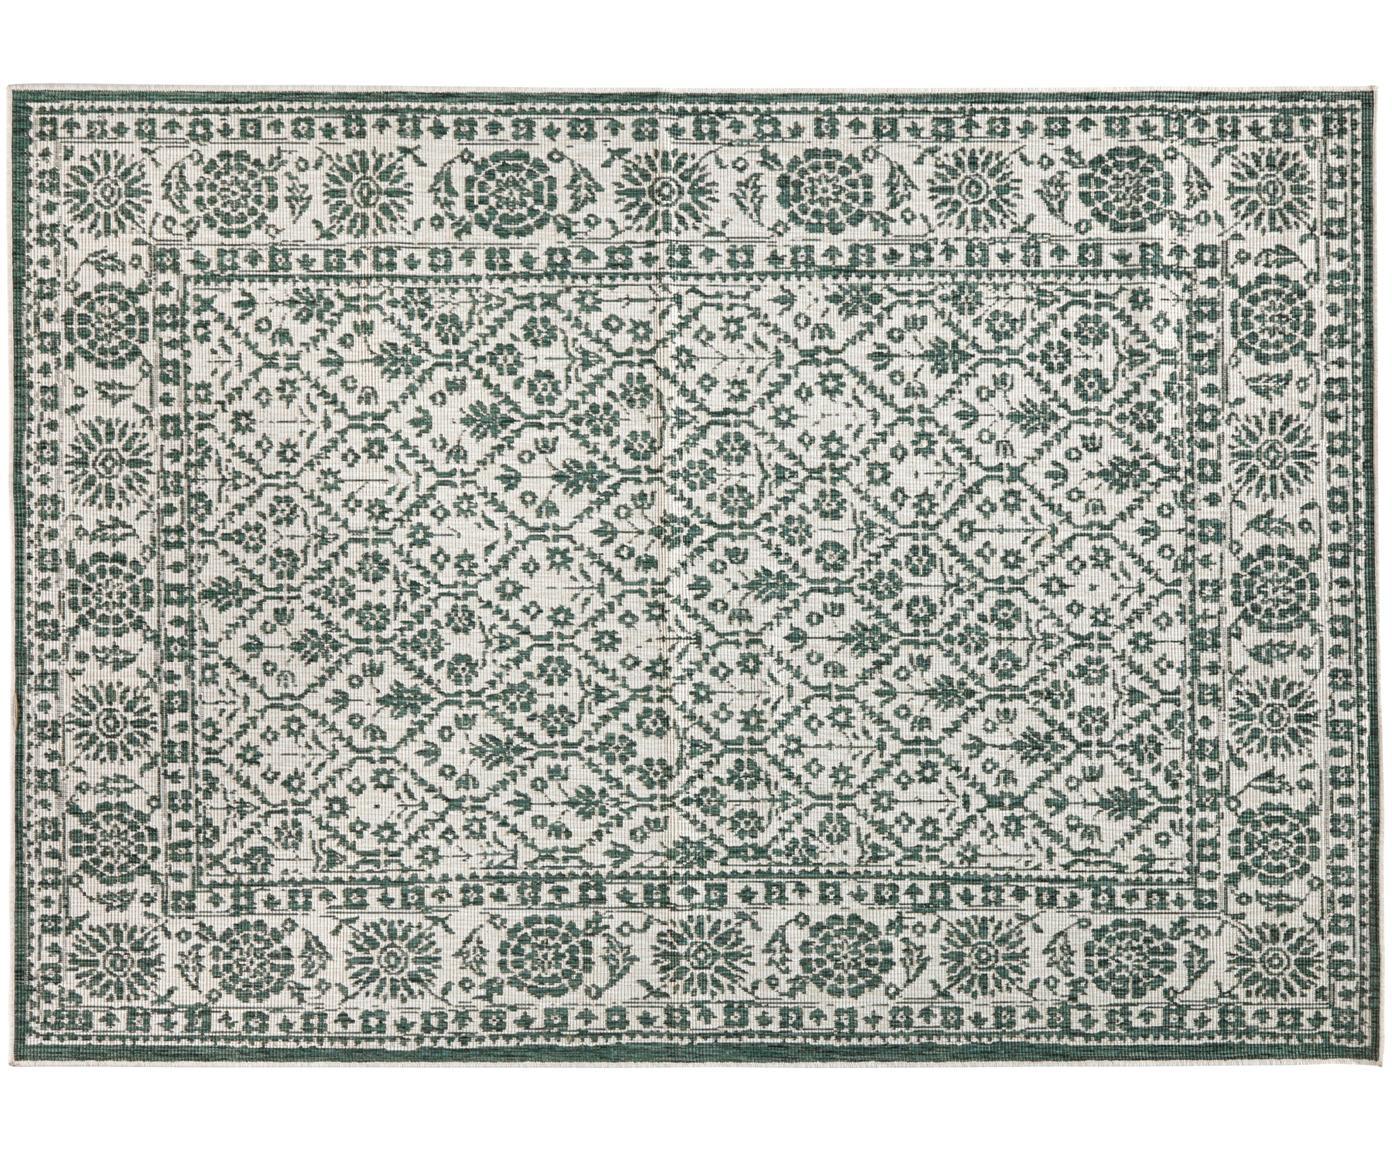 Tappeto vintage reversibile da interno-esterno Curacao, Verde, color crema, Larg. 80 x Lung. 150 cm (taglia XS)